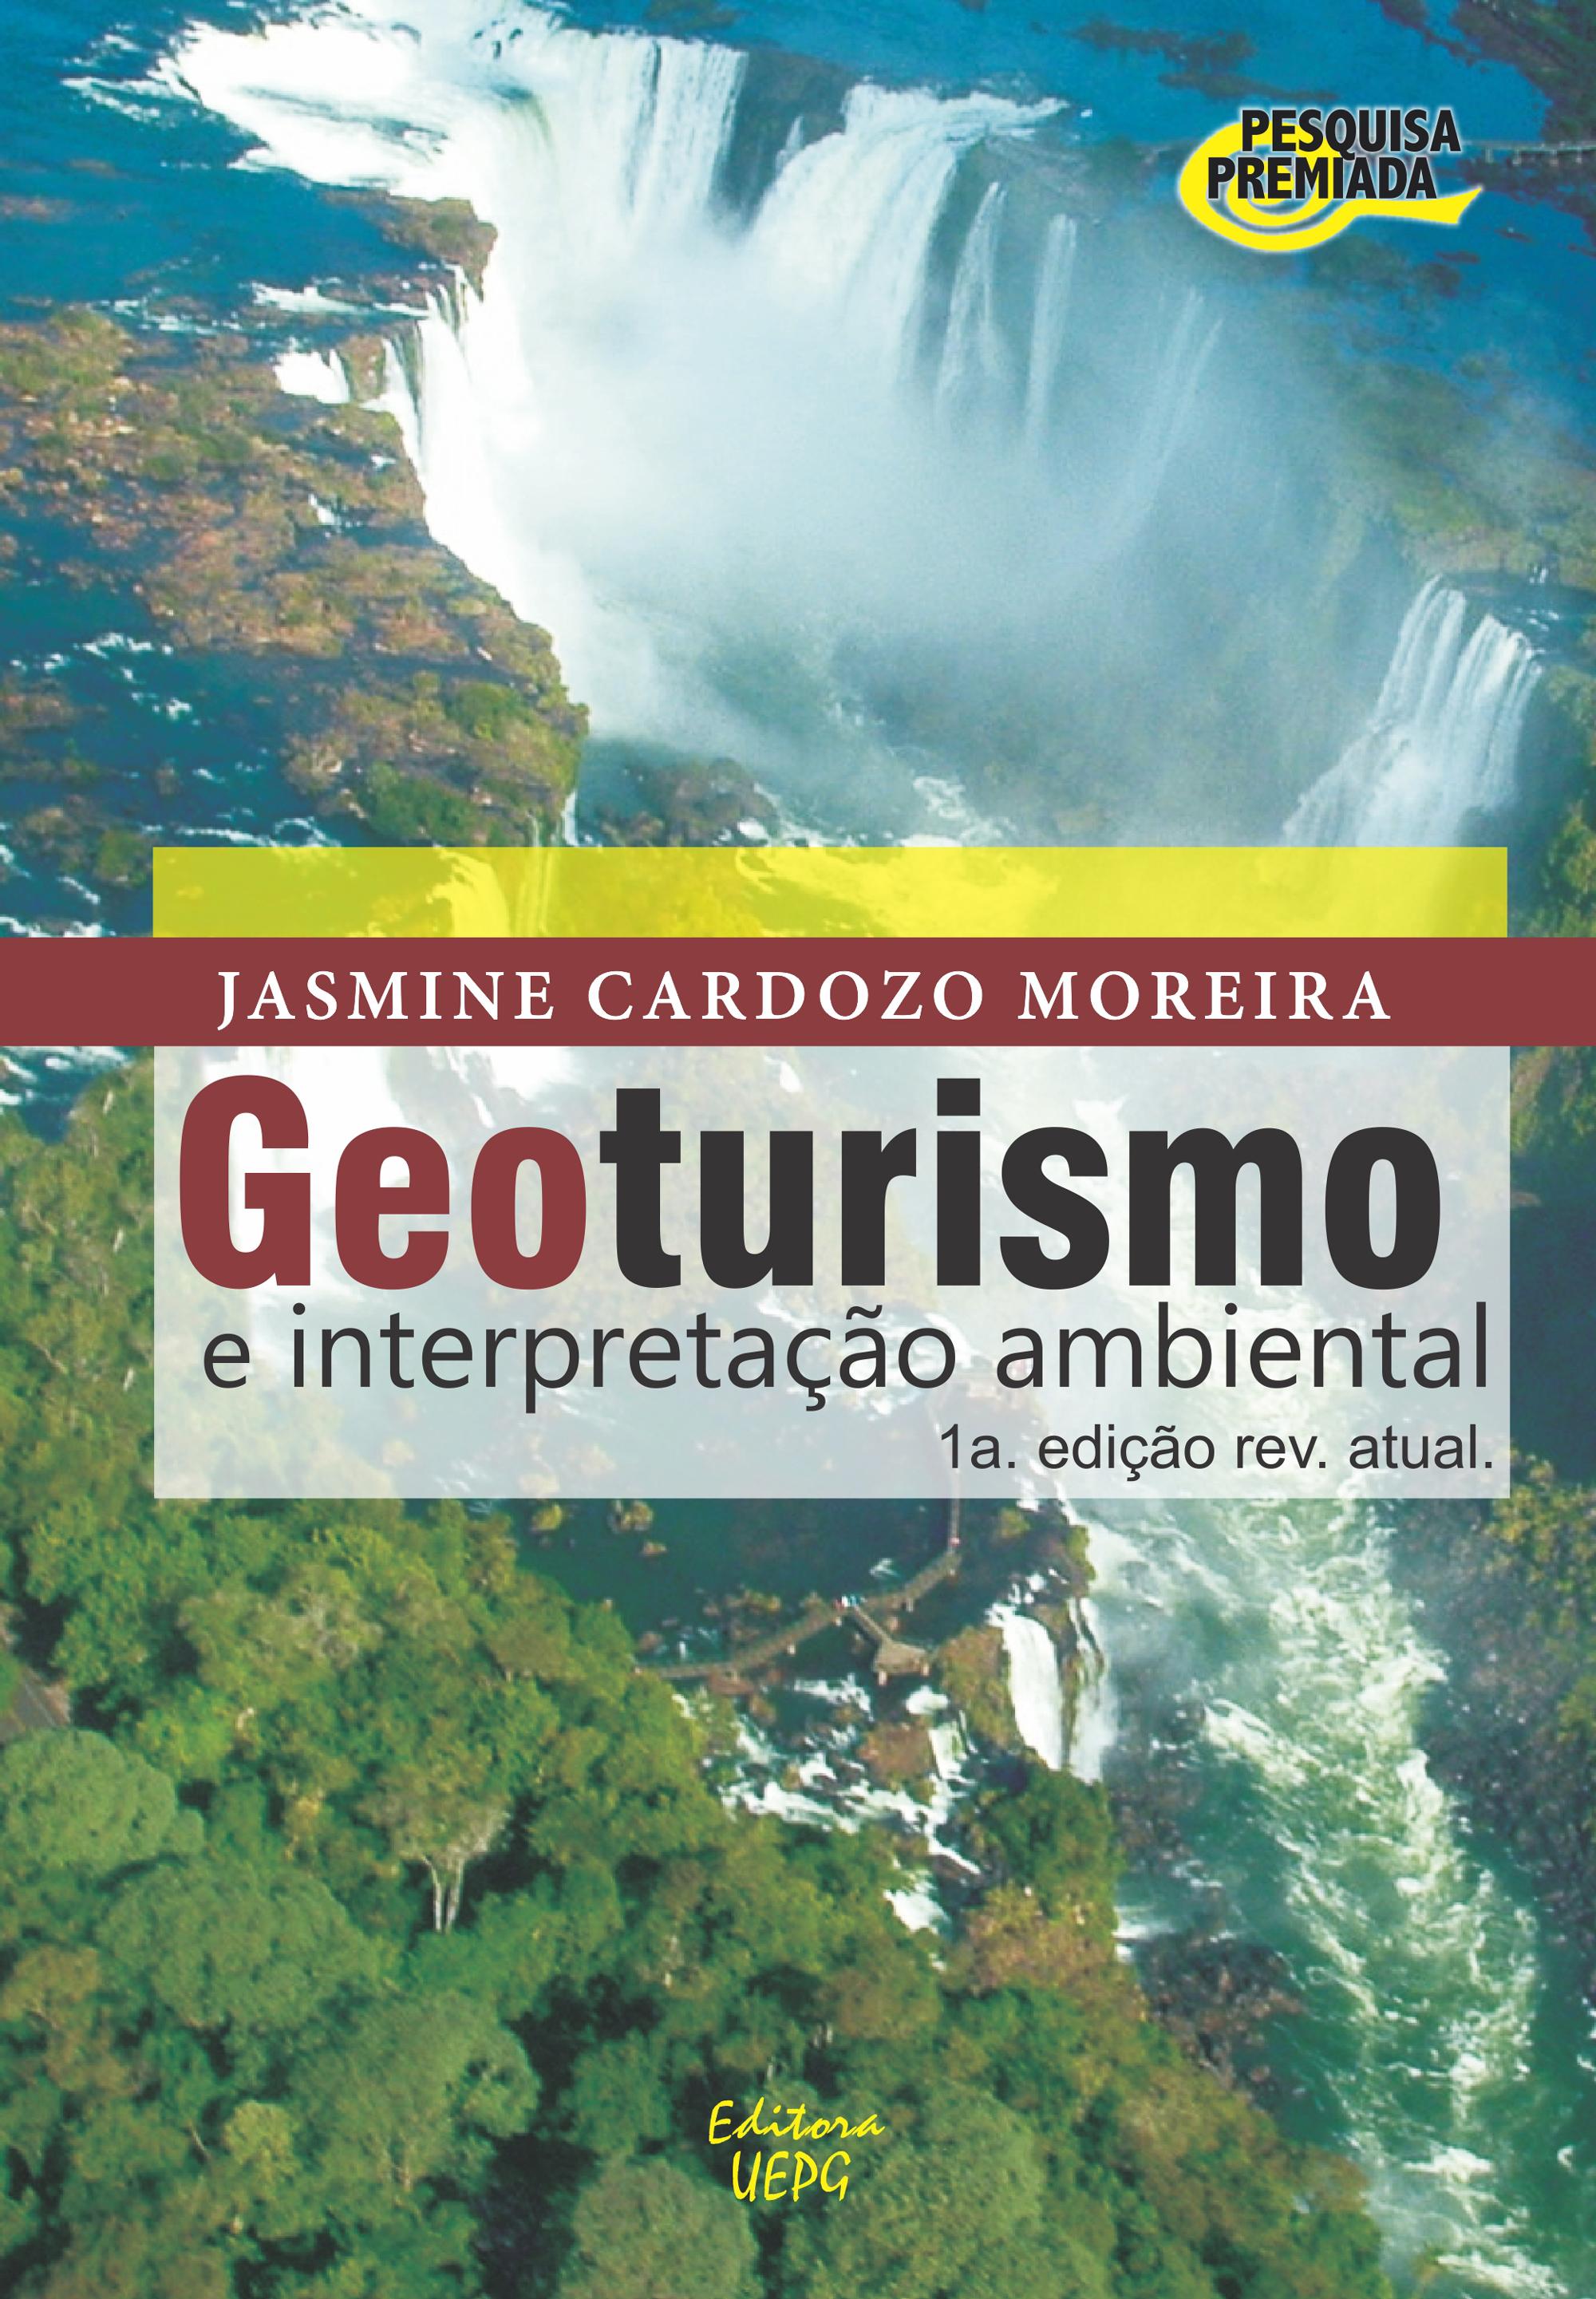 Geoturismo e interpretação ambiental, livro de Jasmine Cardozo Moreira